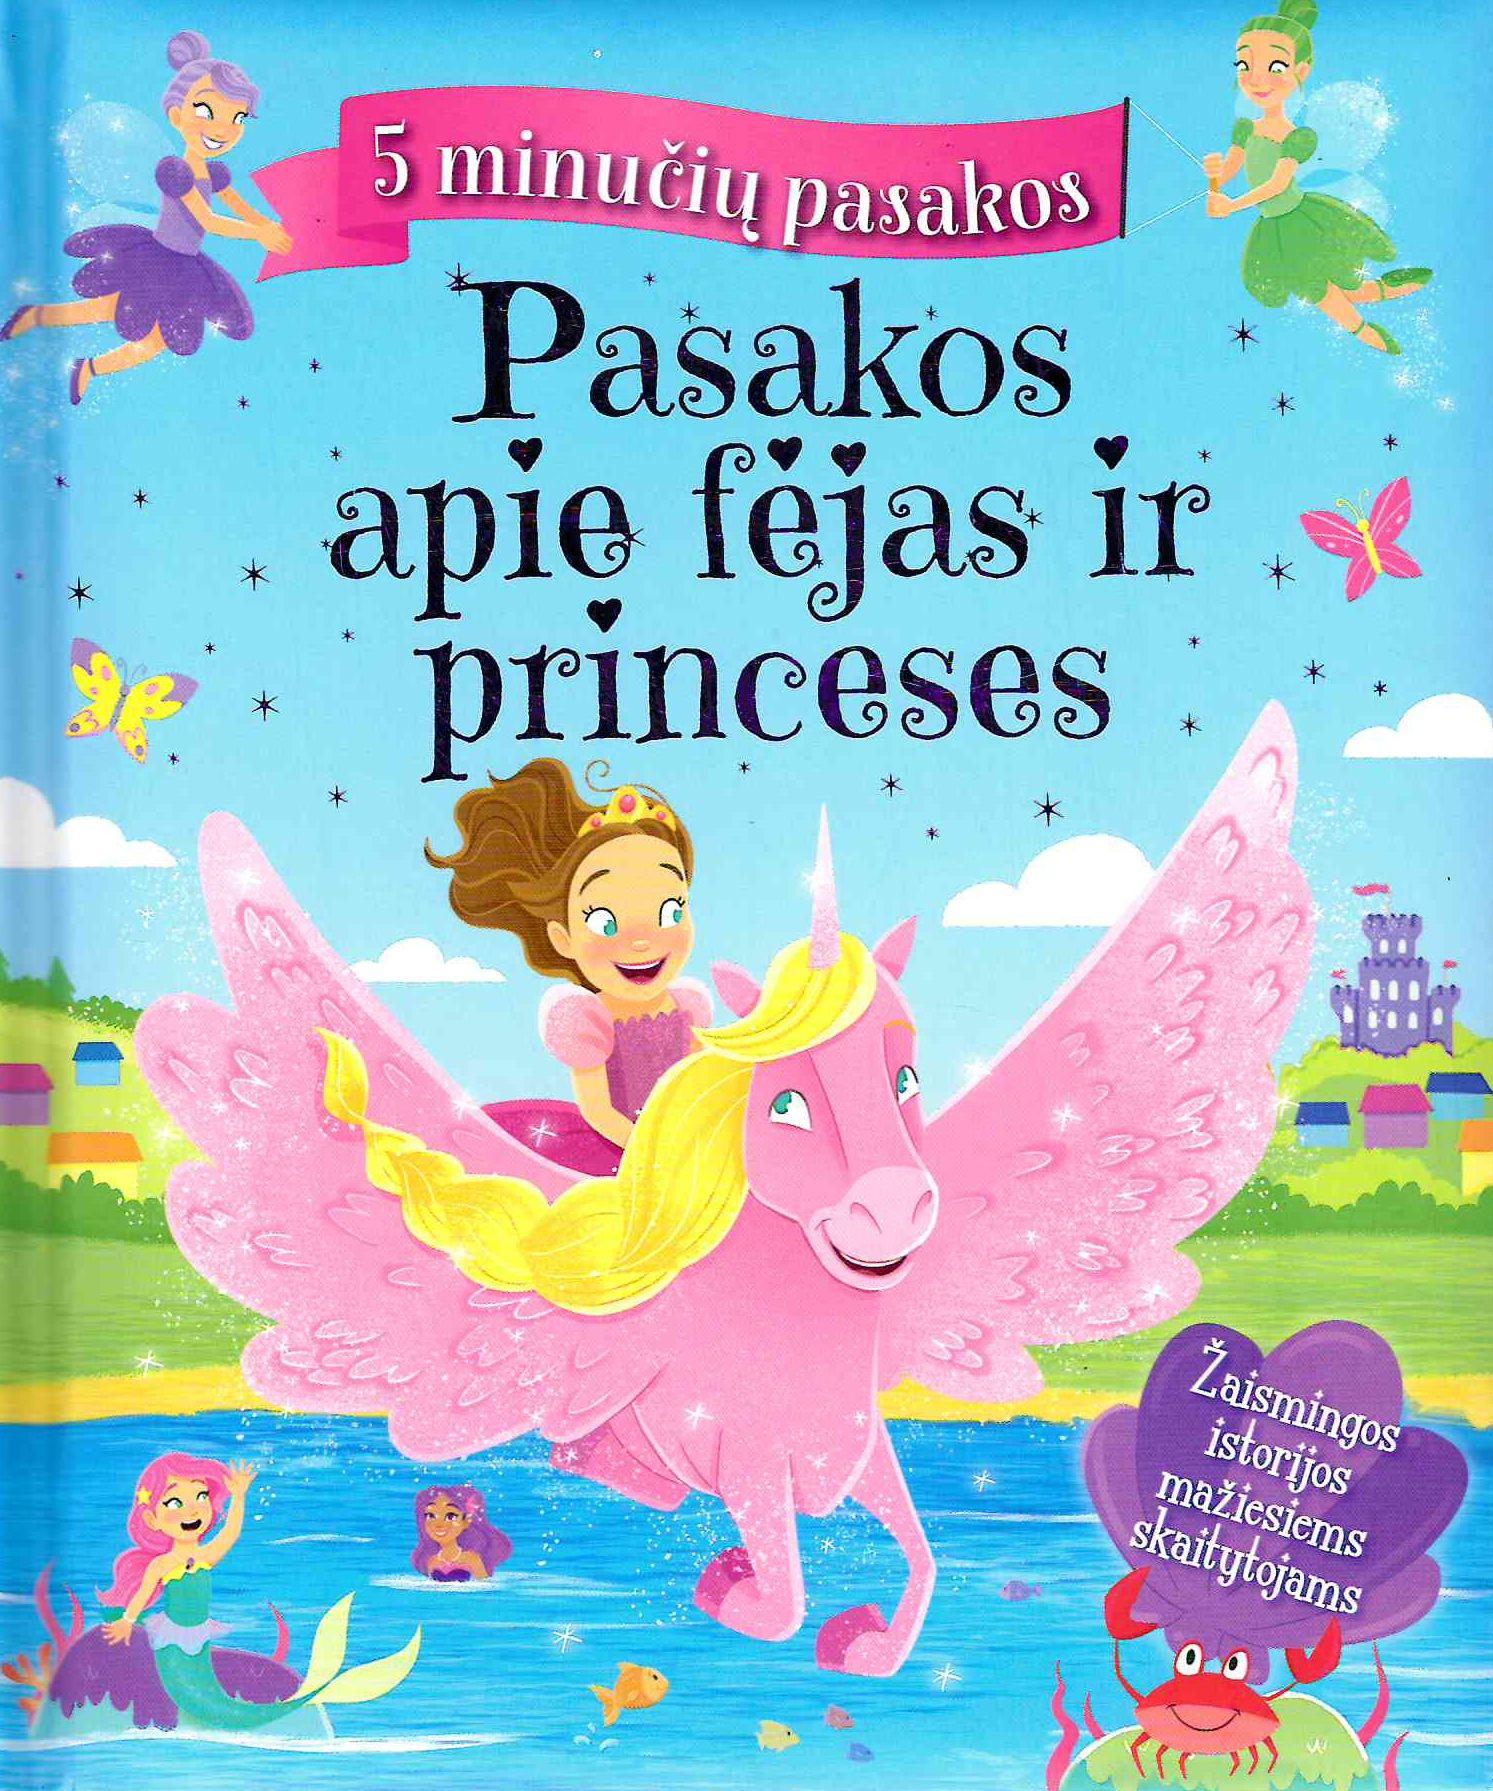 Pasakos apie fėjas ir princeses